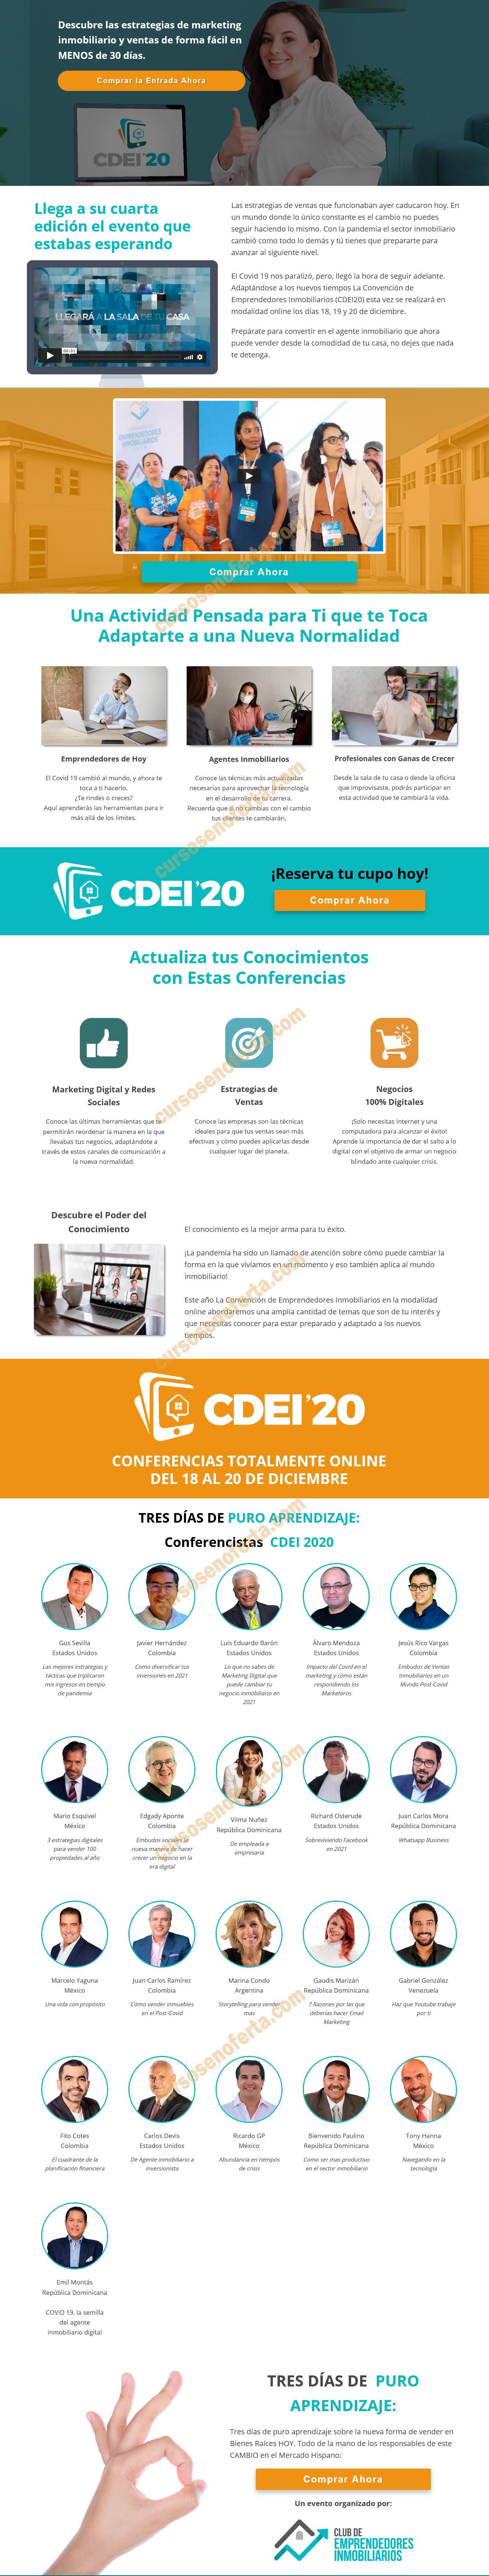 CDEI 2020